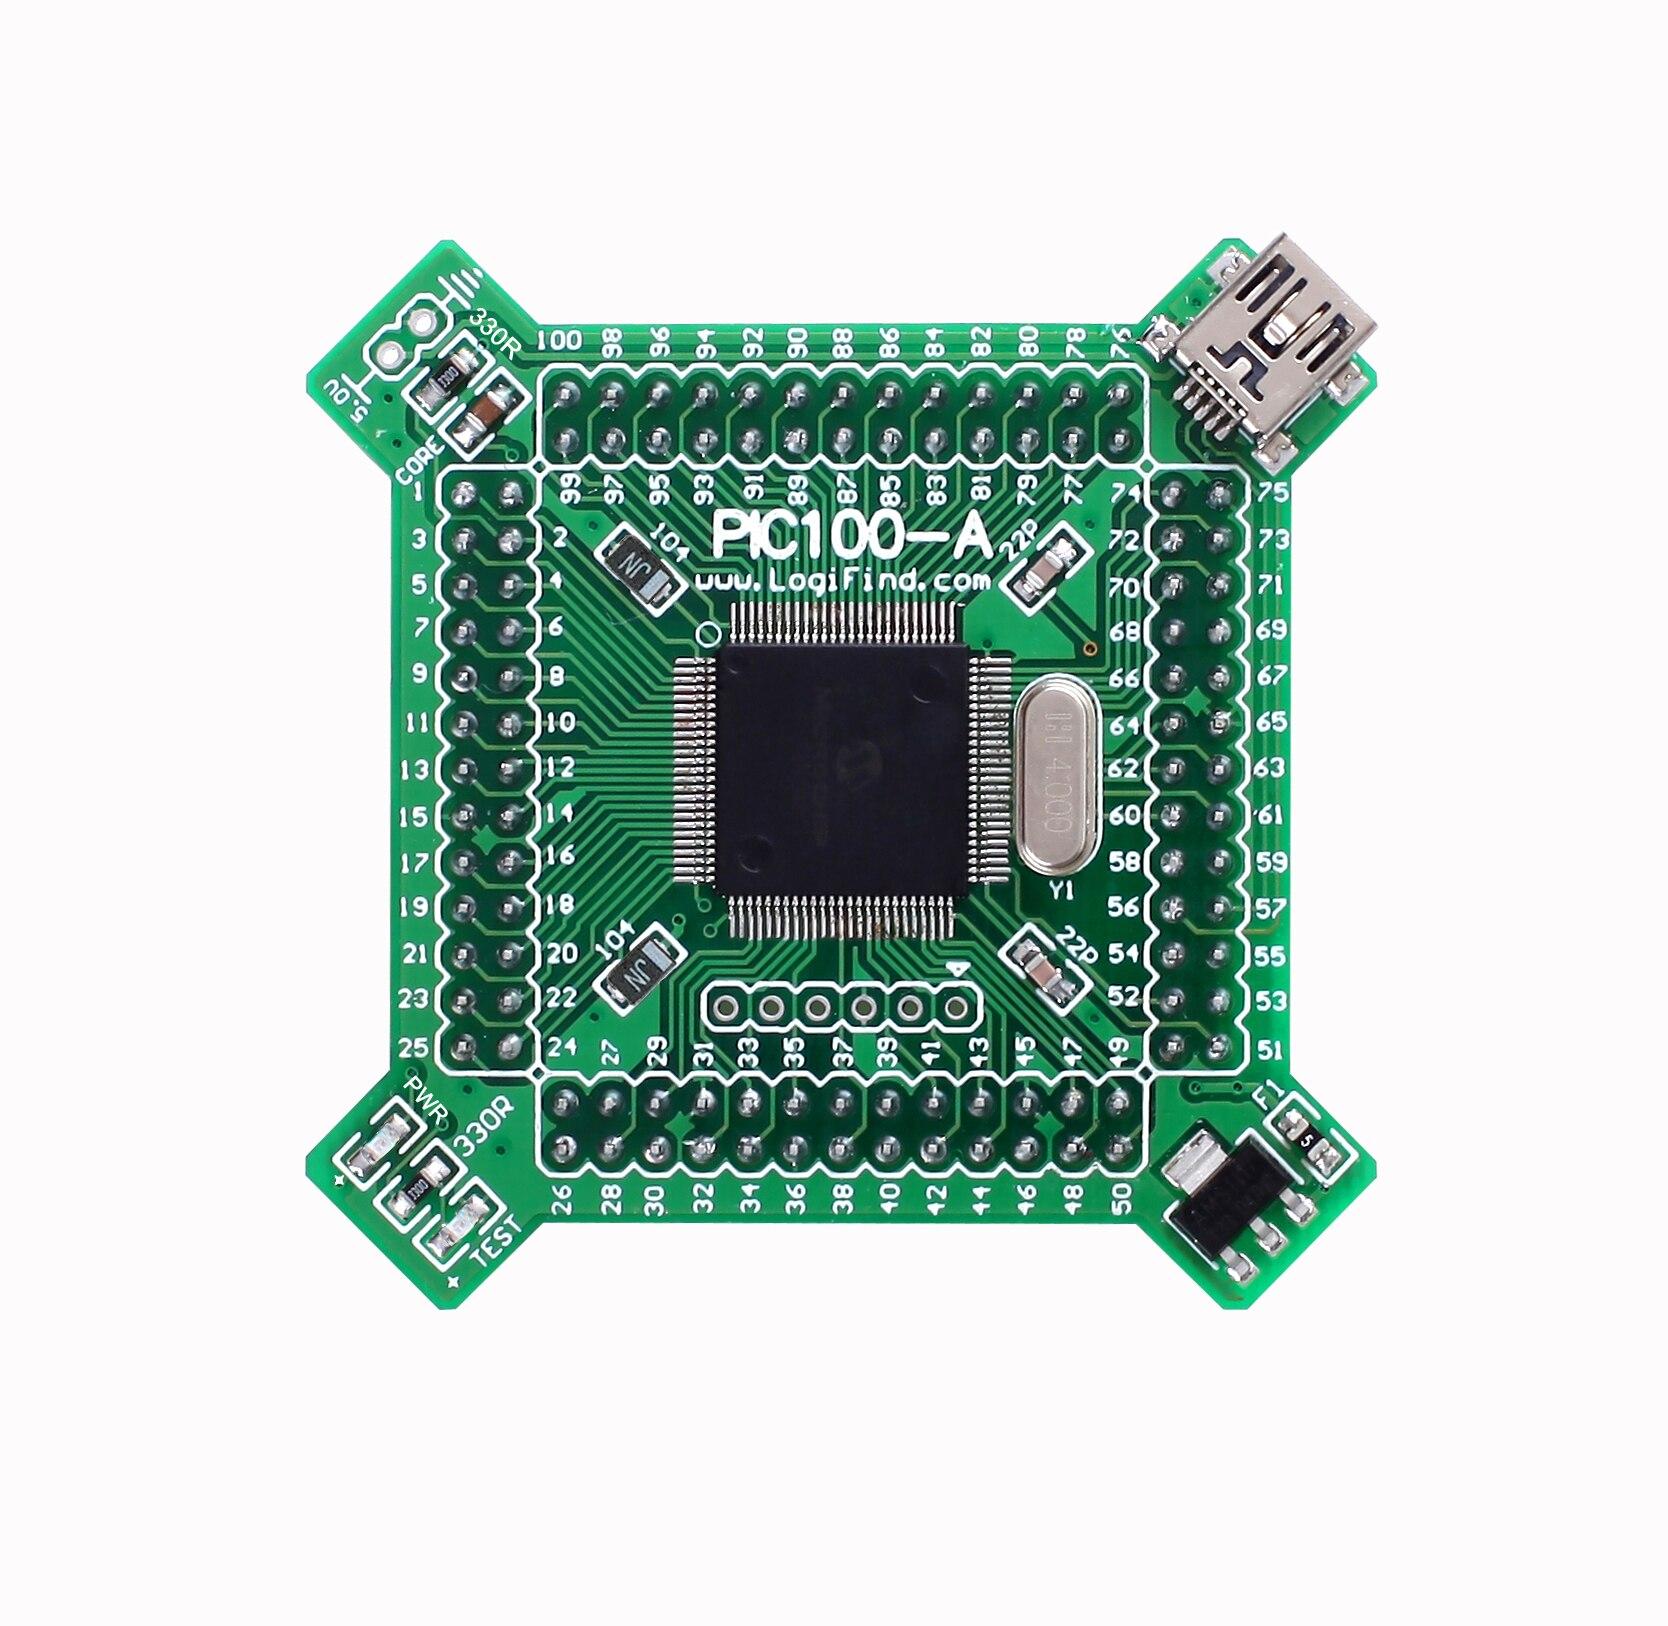 PIC24 Microcontroller Learning Development Board Core Board PIC100-A with PIC24FJ256DA110(China)